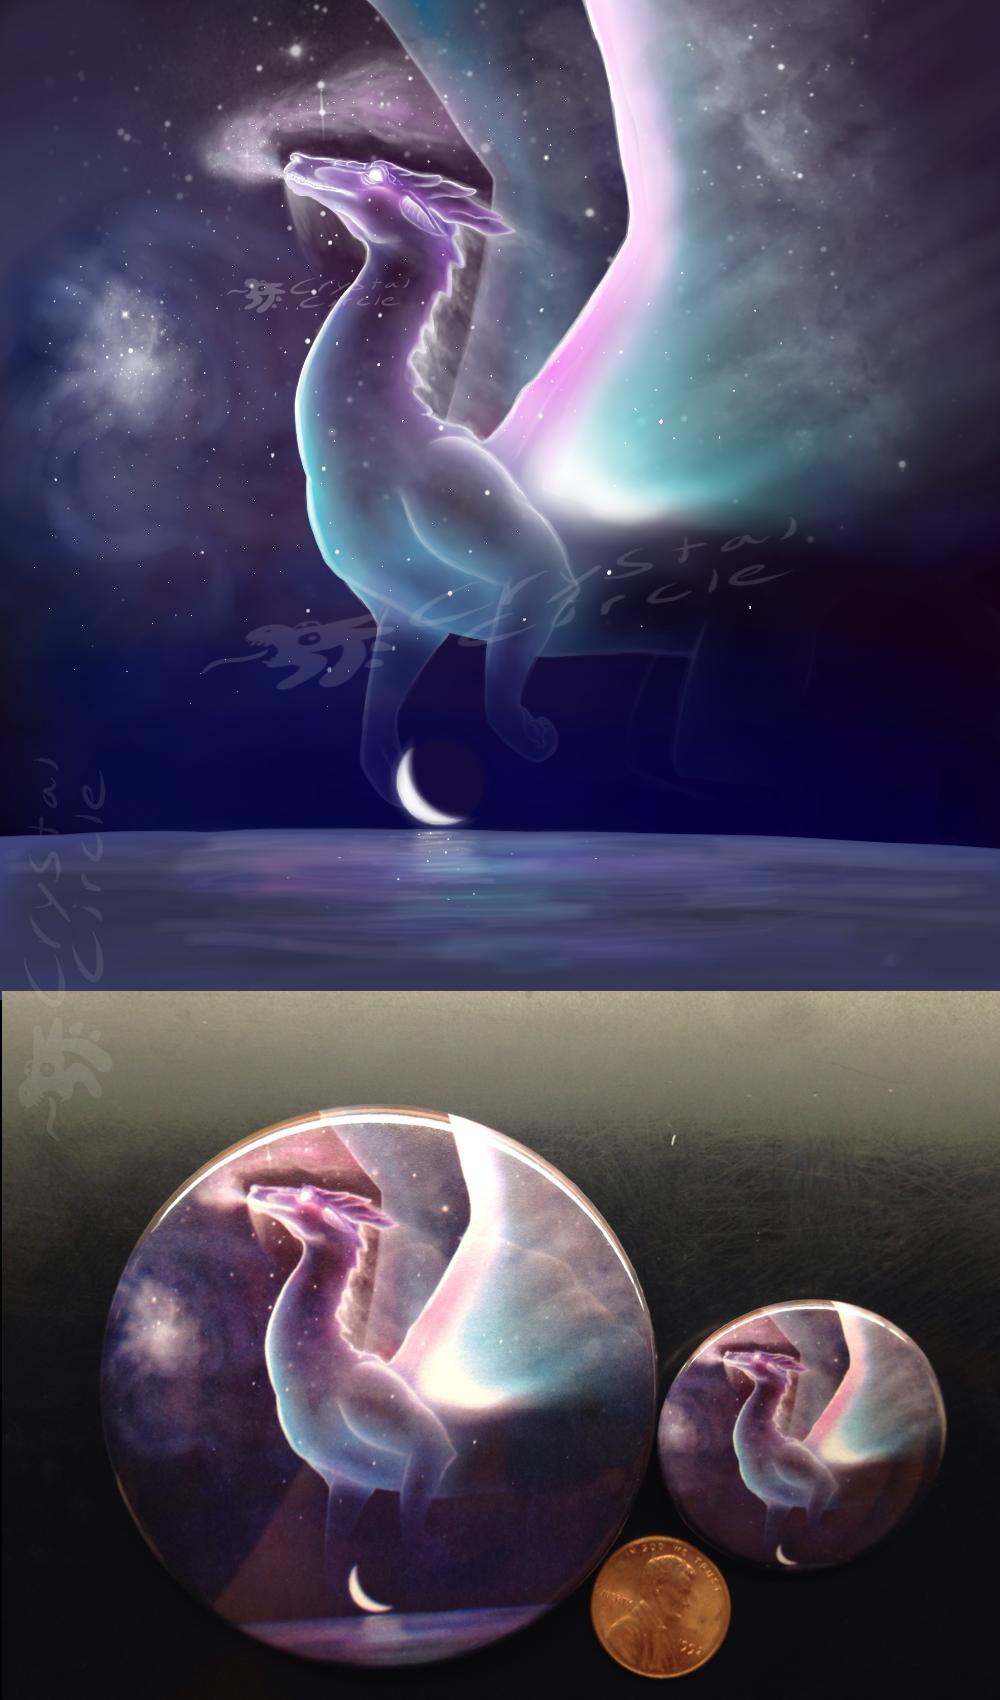 Cosmic dragon-art pin